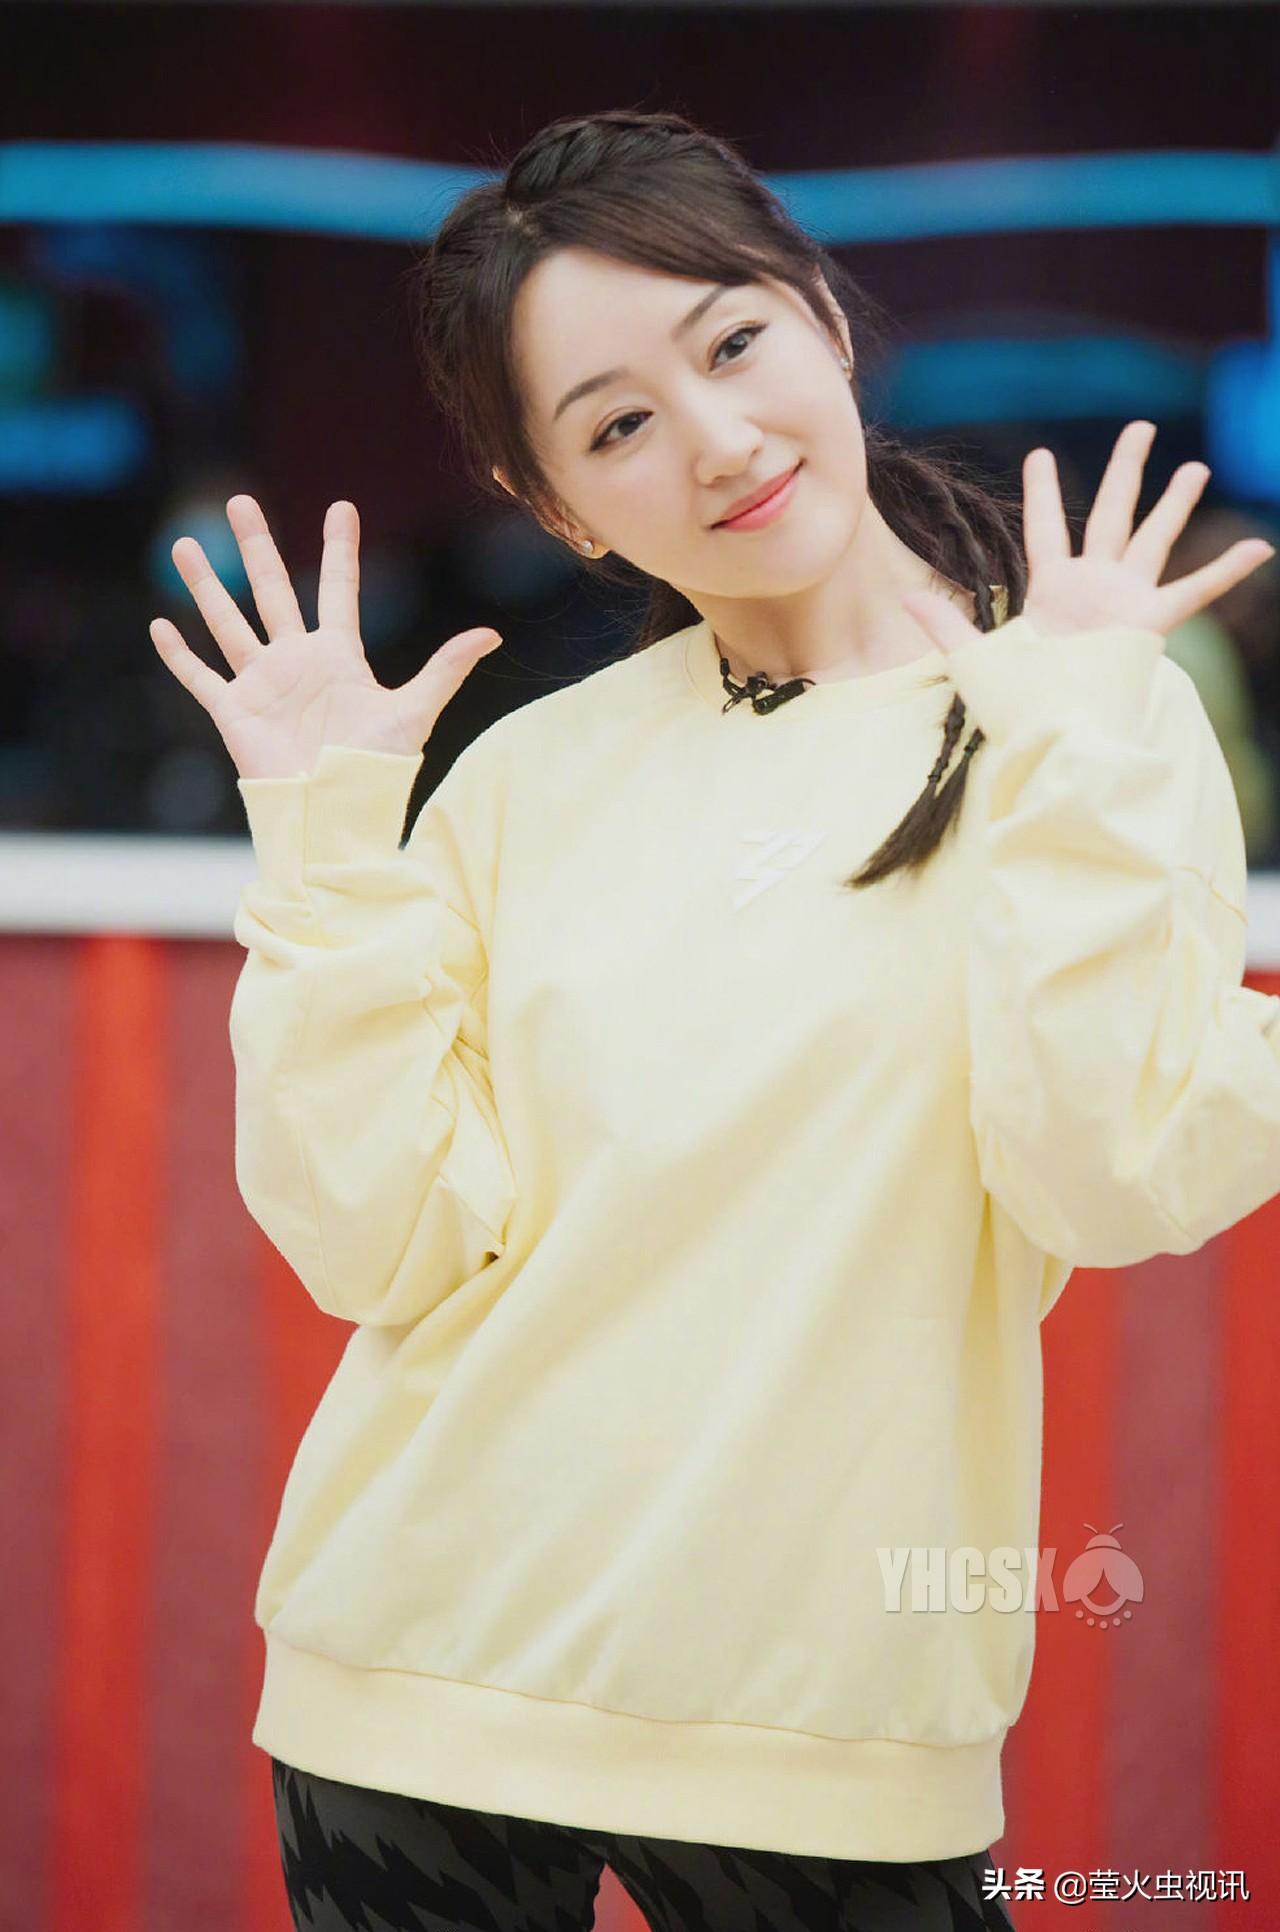 杨钰莹单日圈粉登榜首,300万新粉多为90后,成同龄明星翘楚